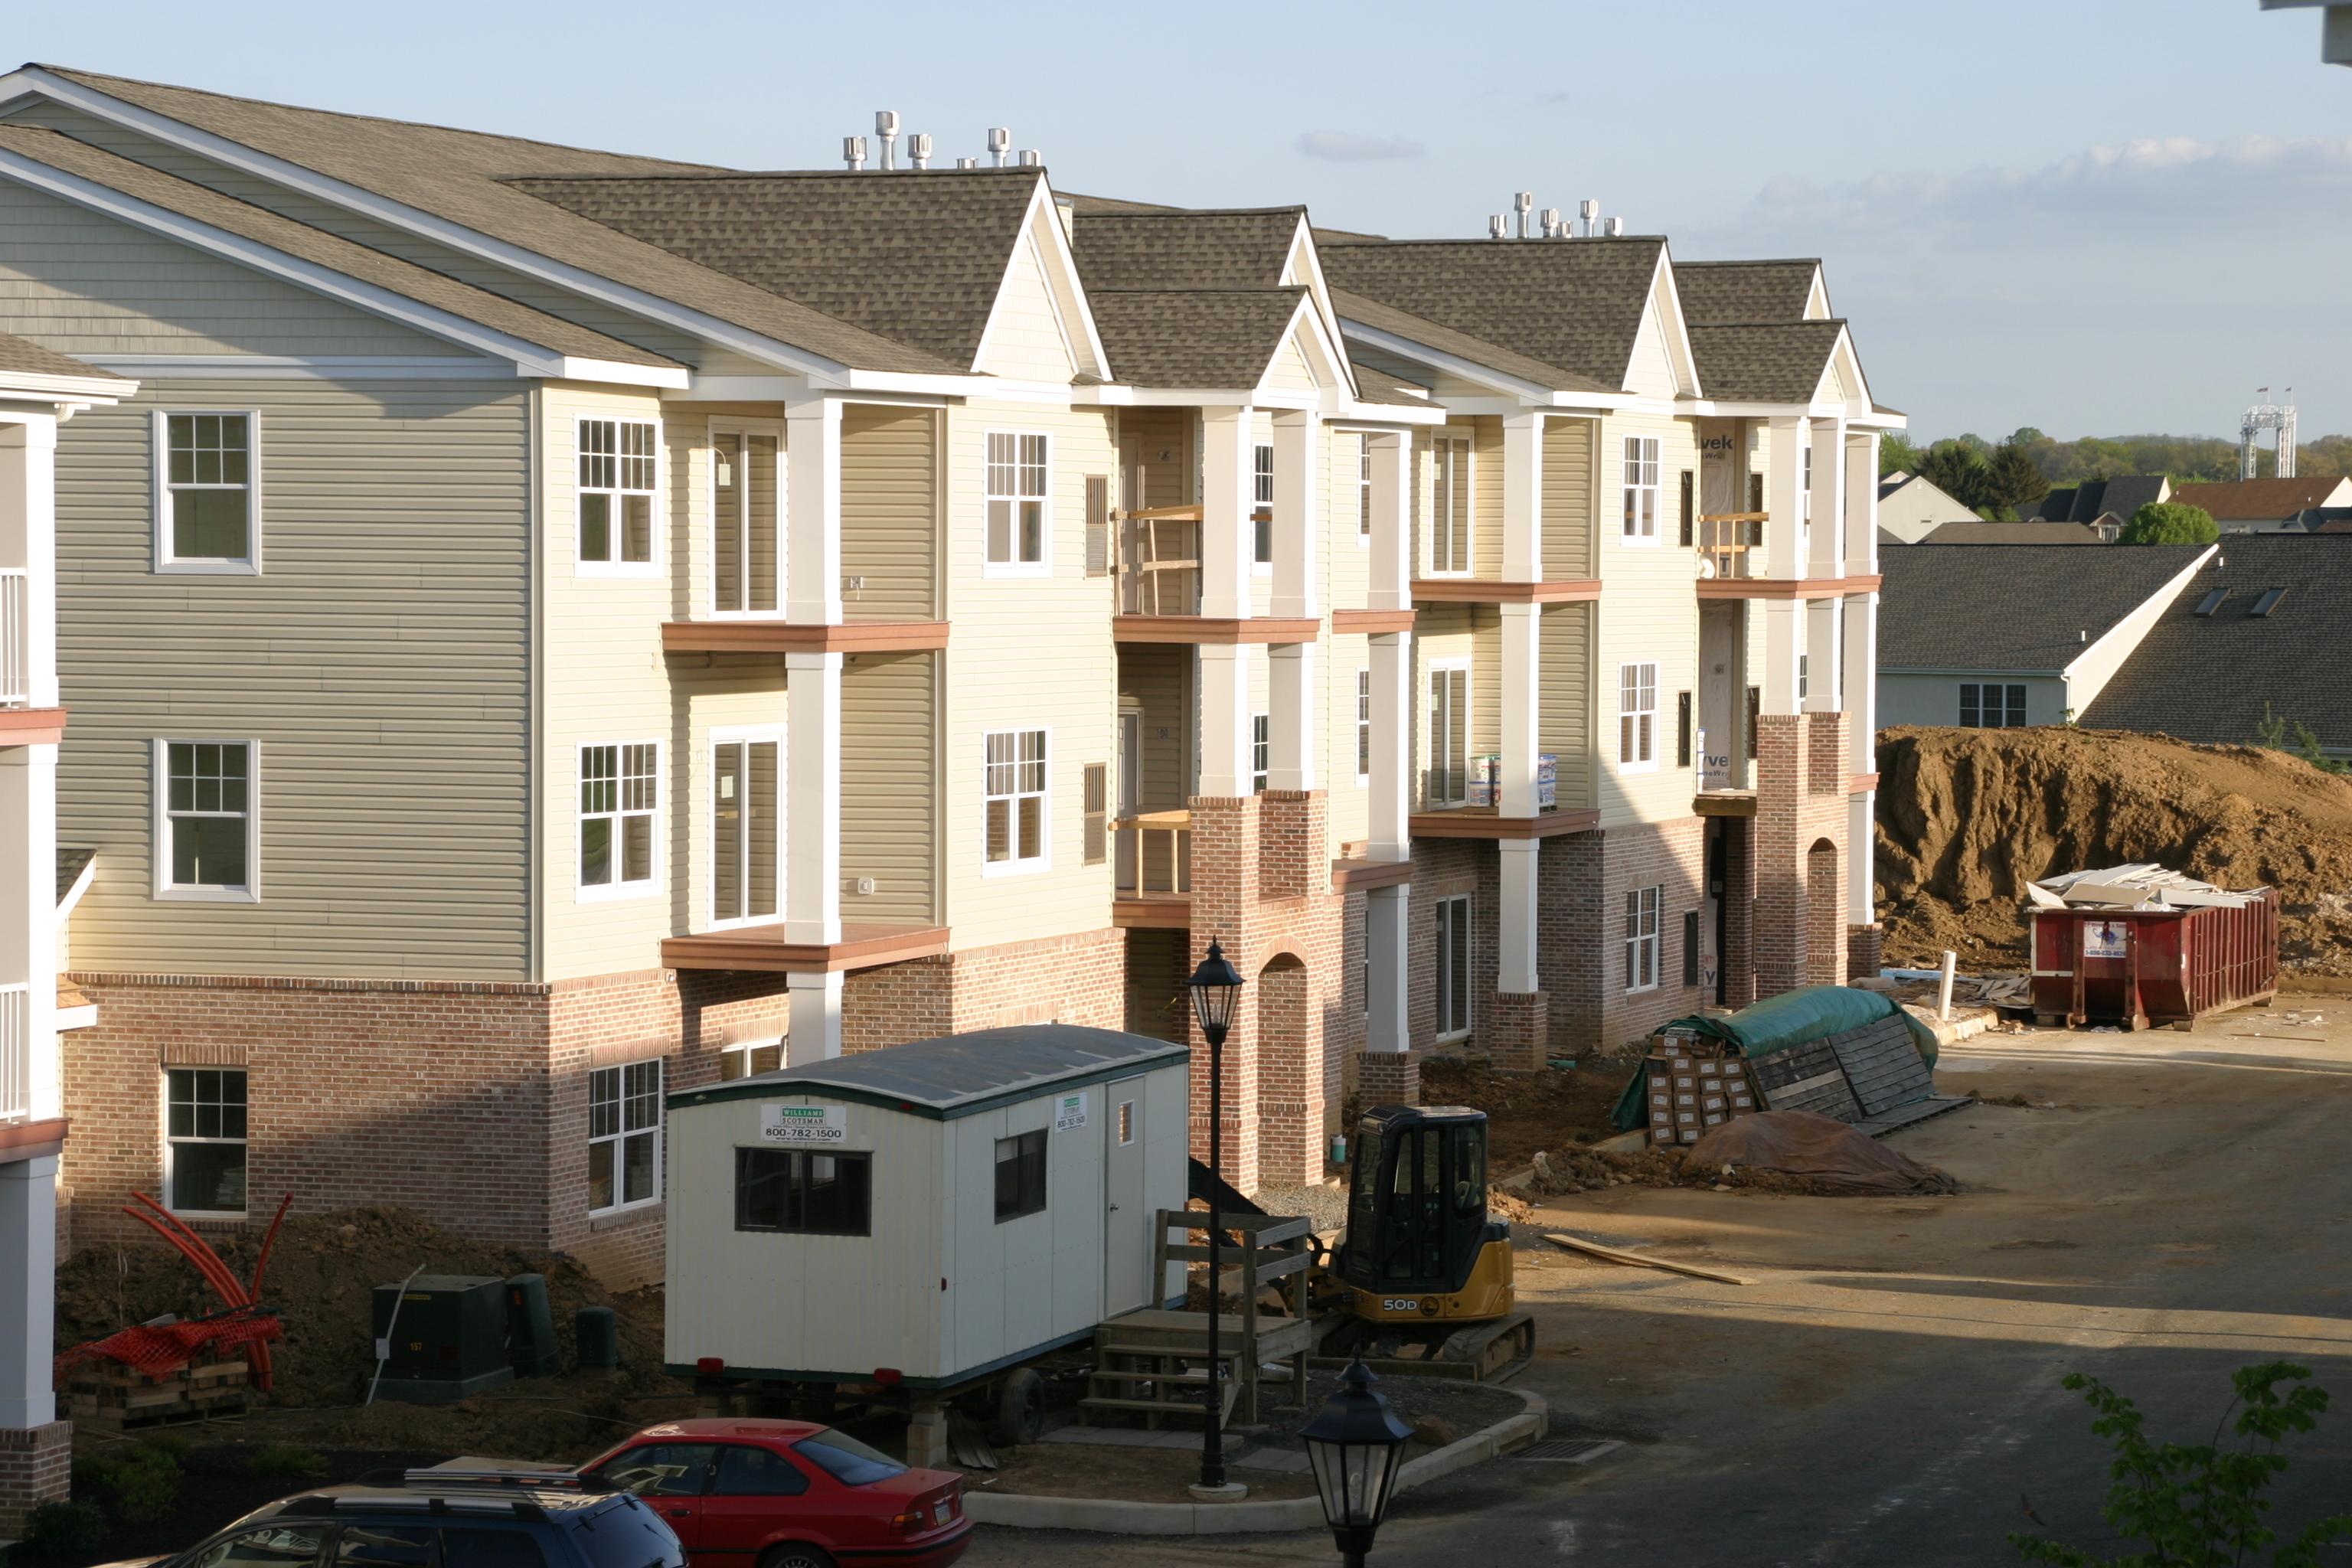 Condominium Construction